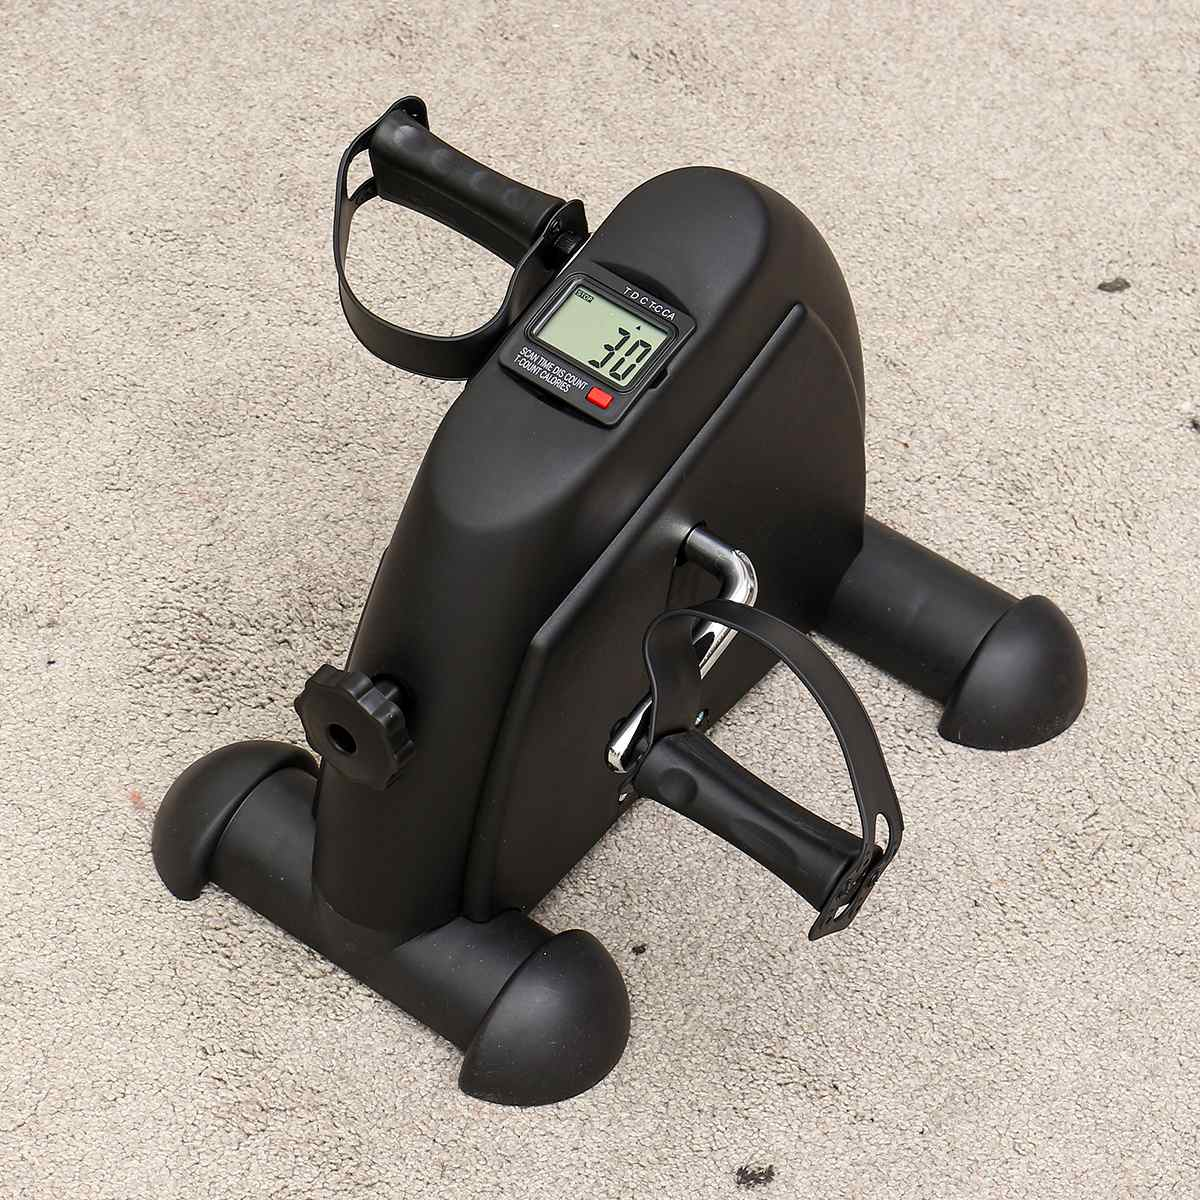 Affichage LCD Mini pédale exercice vélo formateur Cycle intérieur vélo vélos Stepper maison gymnastique Fitness outils bras/jambe physiothérapie - 2